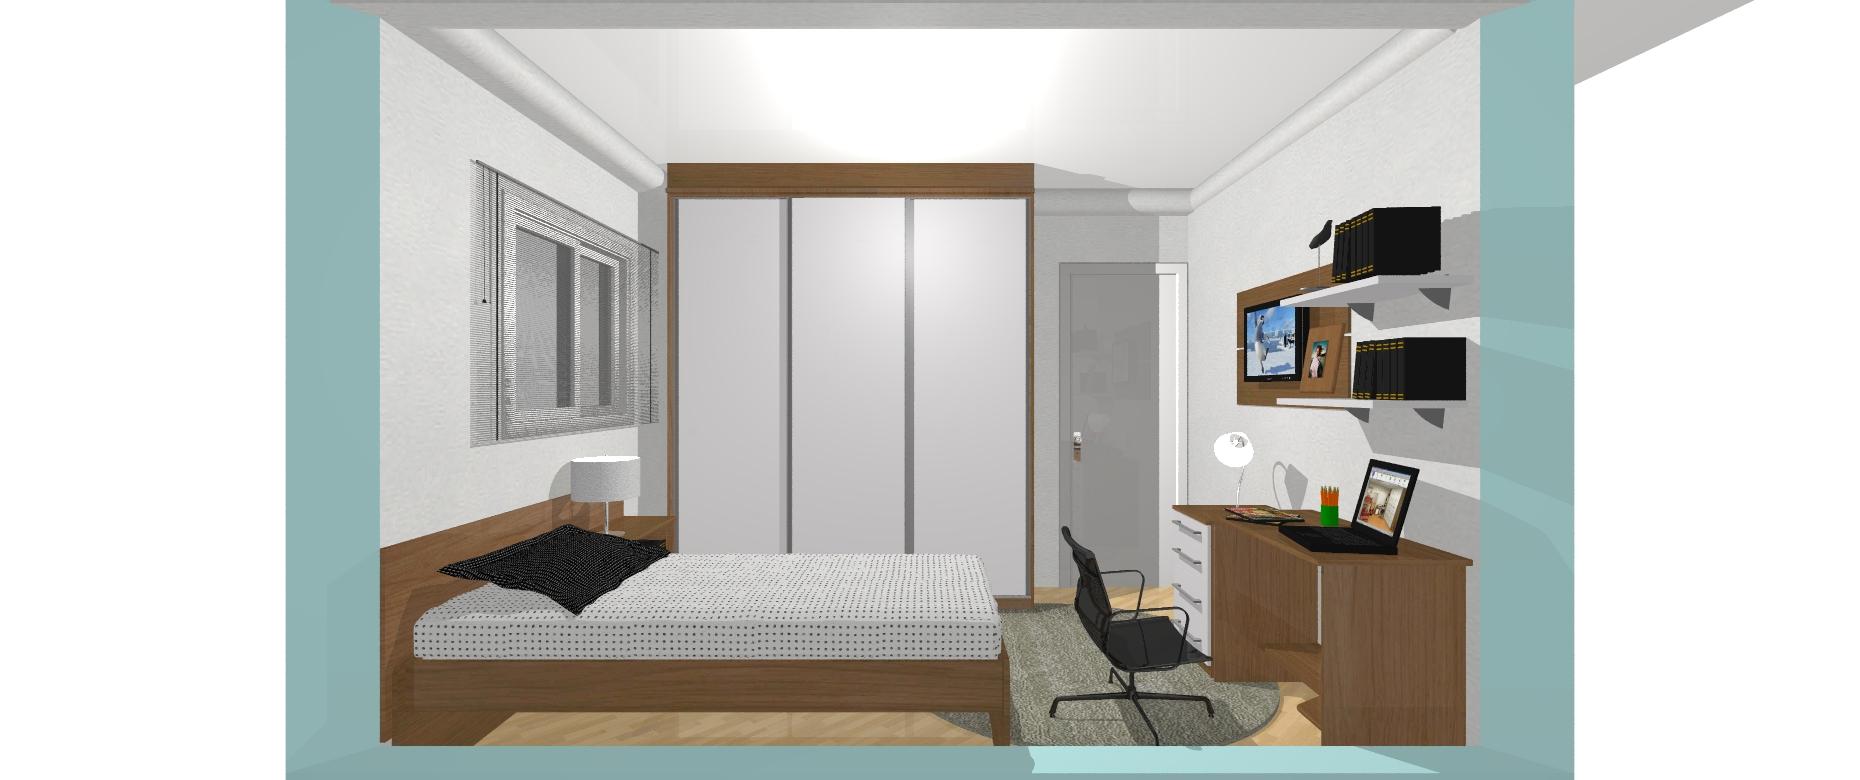 Promoção Casa Completa Grupo Nova Casa Móveis e Decorações  #674C33 1860x780 Banheiro Casal Duplo